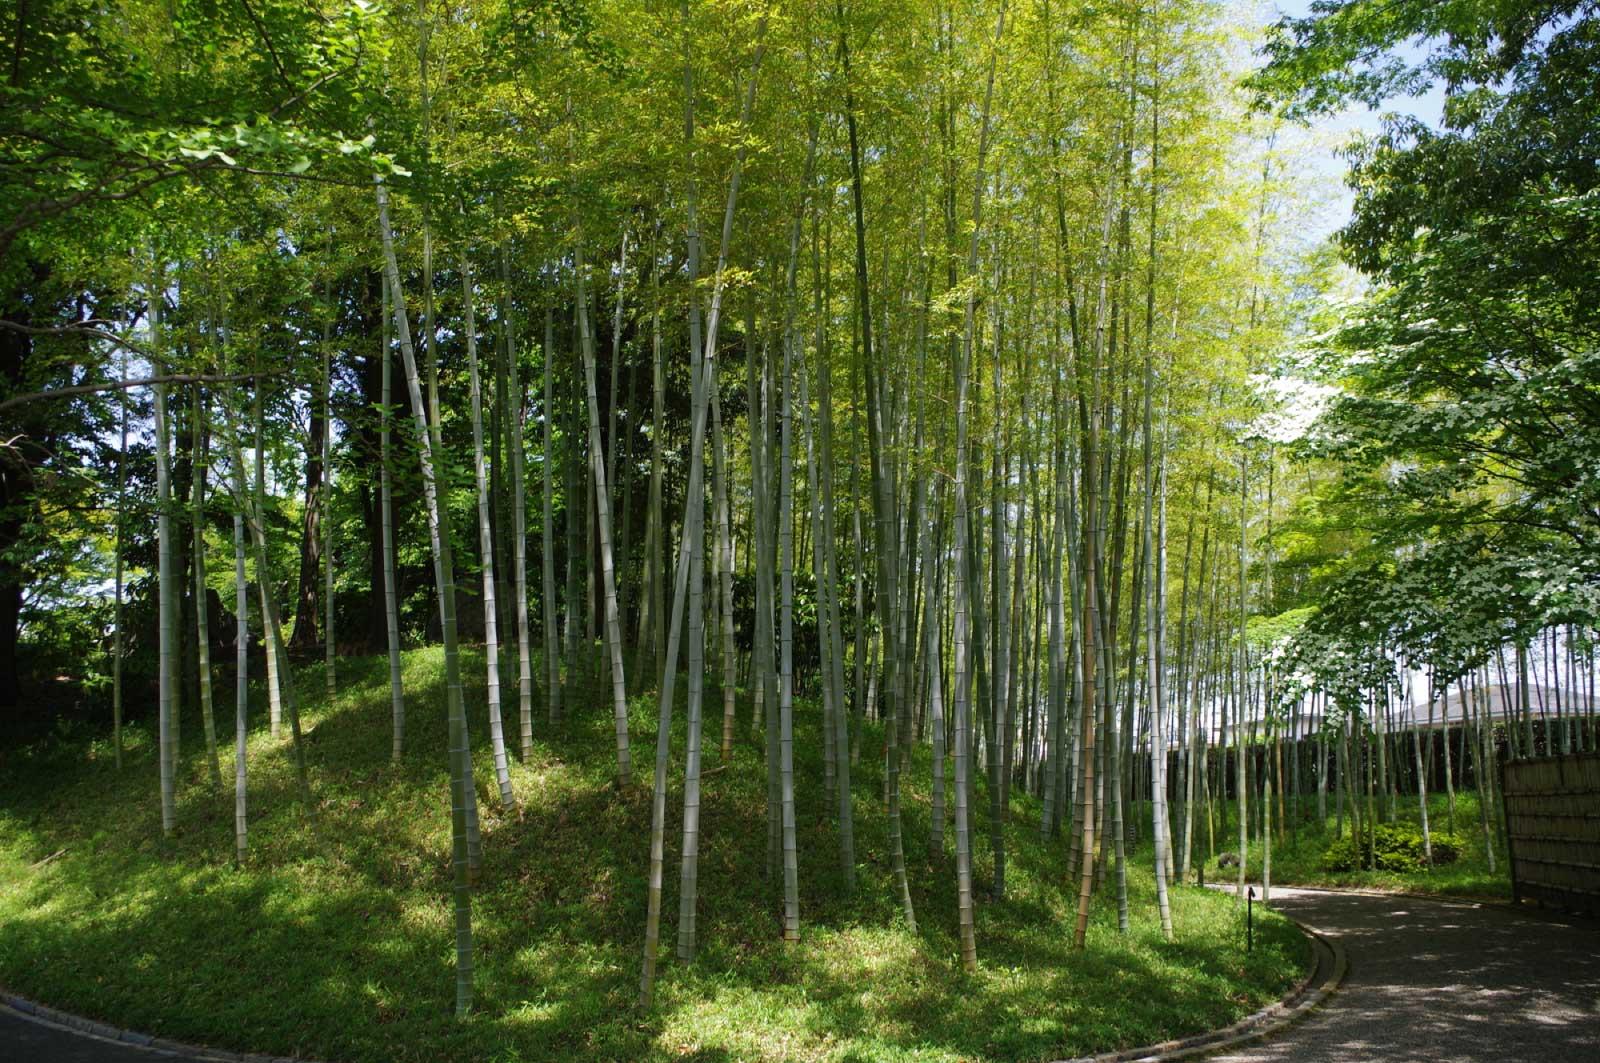 園内には1,400本もの木が植えられている